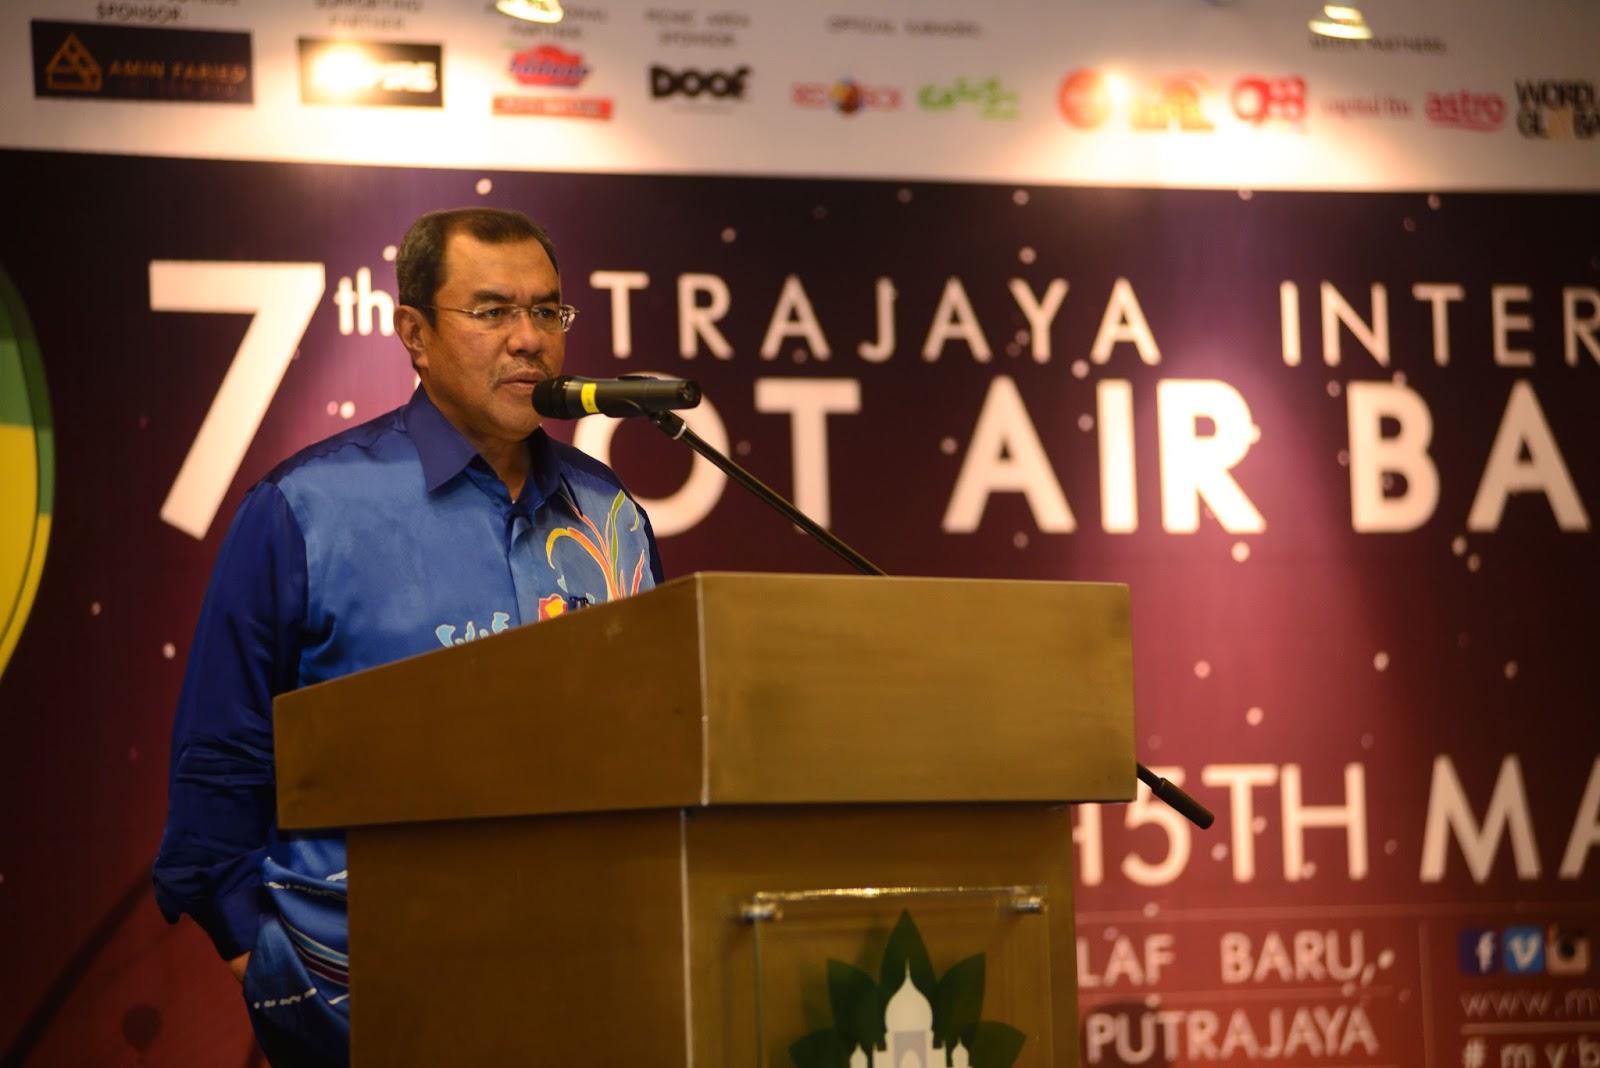 Tan Sri Dato' Seri (Dr) Aseh Bin Hj Che Mat